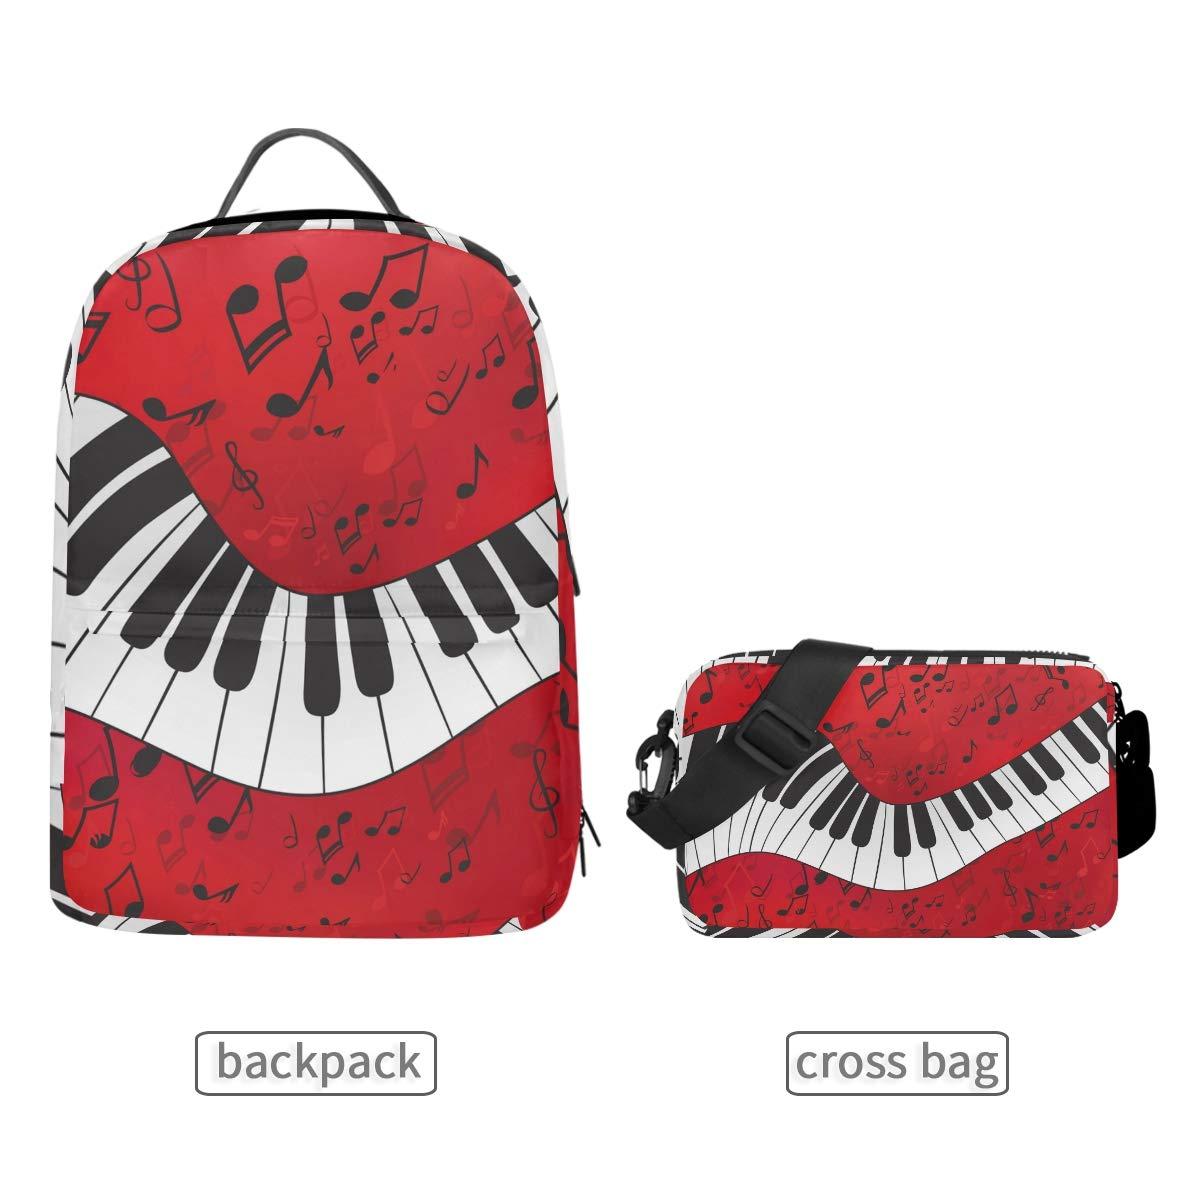 Teclado de Piano Desmontable Bolso Bandolera de Viaje CPYang Mochila Escolar para Notas Musicales Mujeres y Hombres para ni/ñas ni/ños port/átil